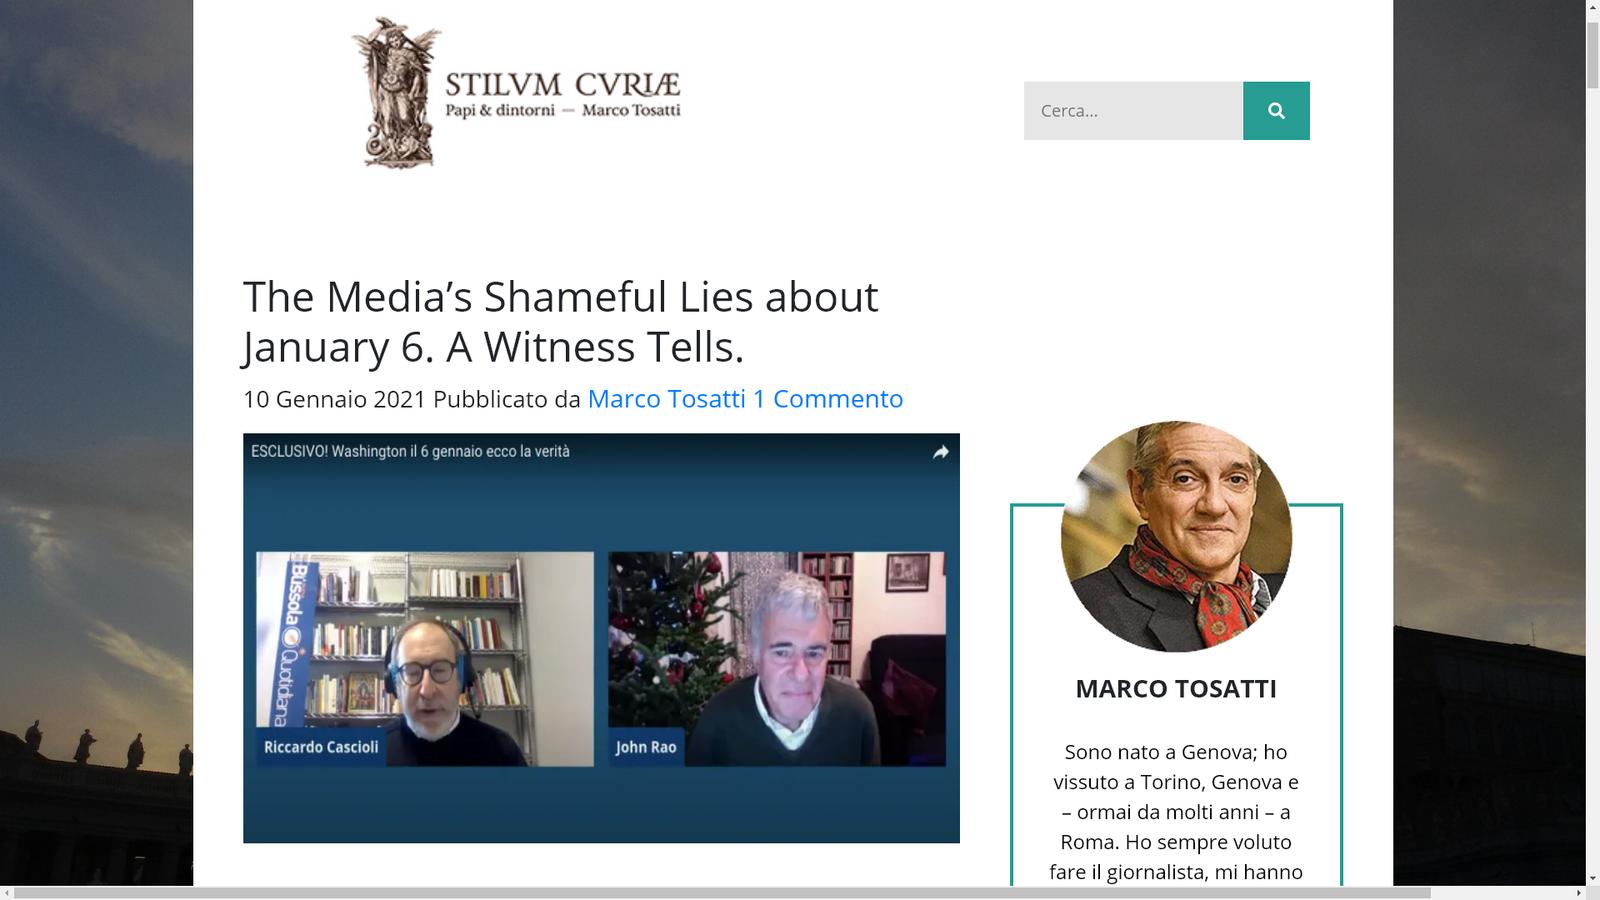 Les mensonges honteux des médias sur le 6 janvier. Un témoin raconte.